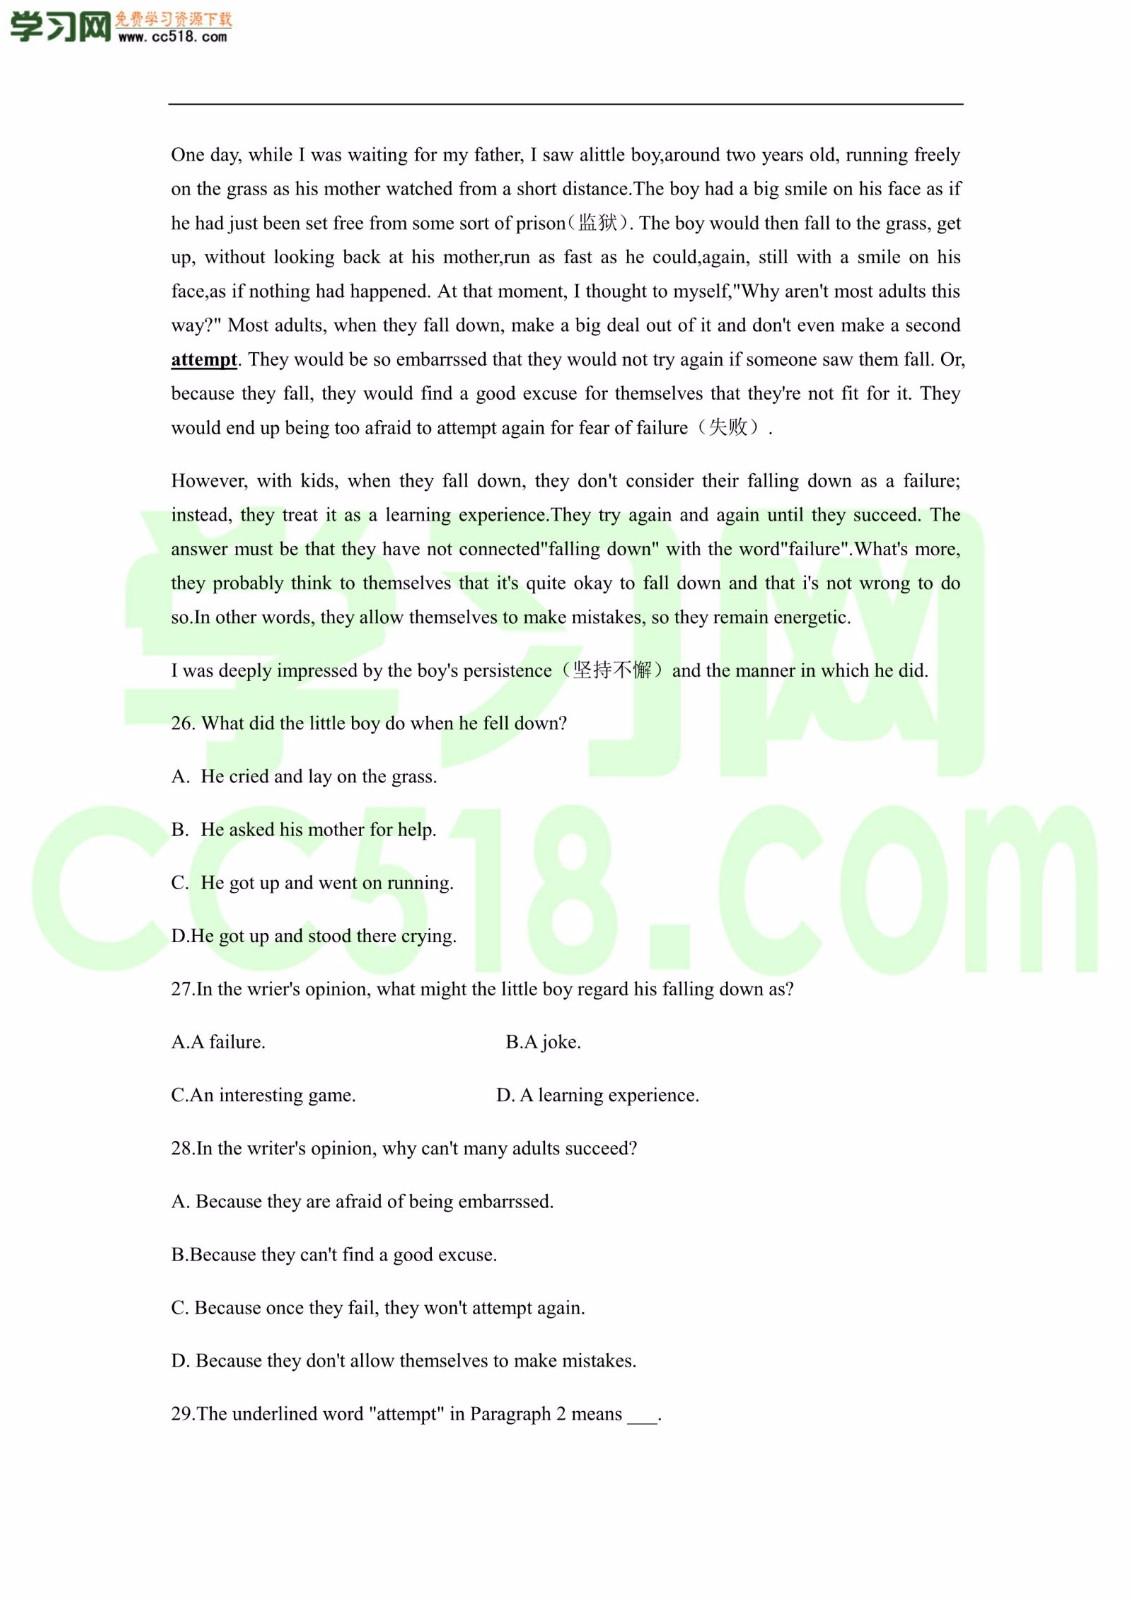 人教版初三英语上册单元检测练习题 Unit 4(含答案)